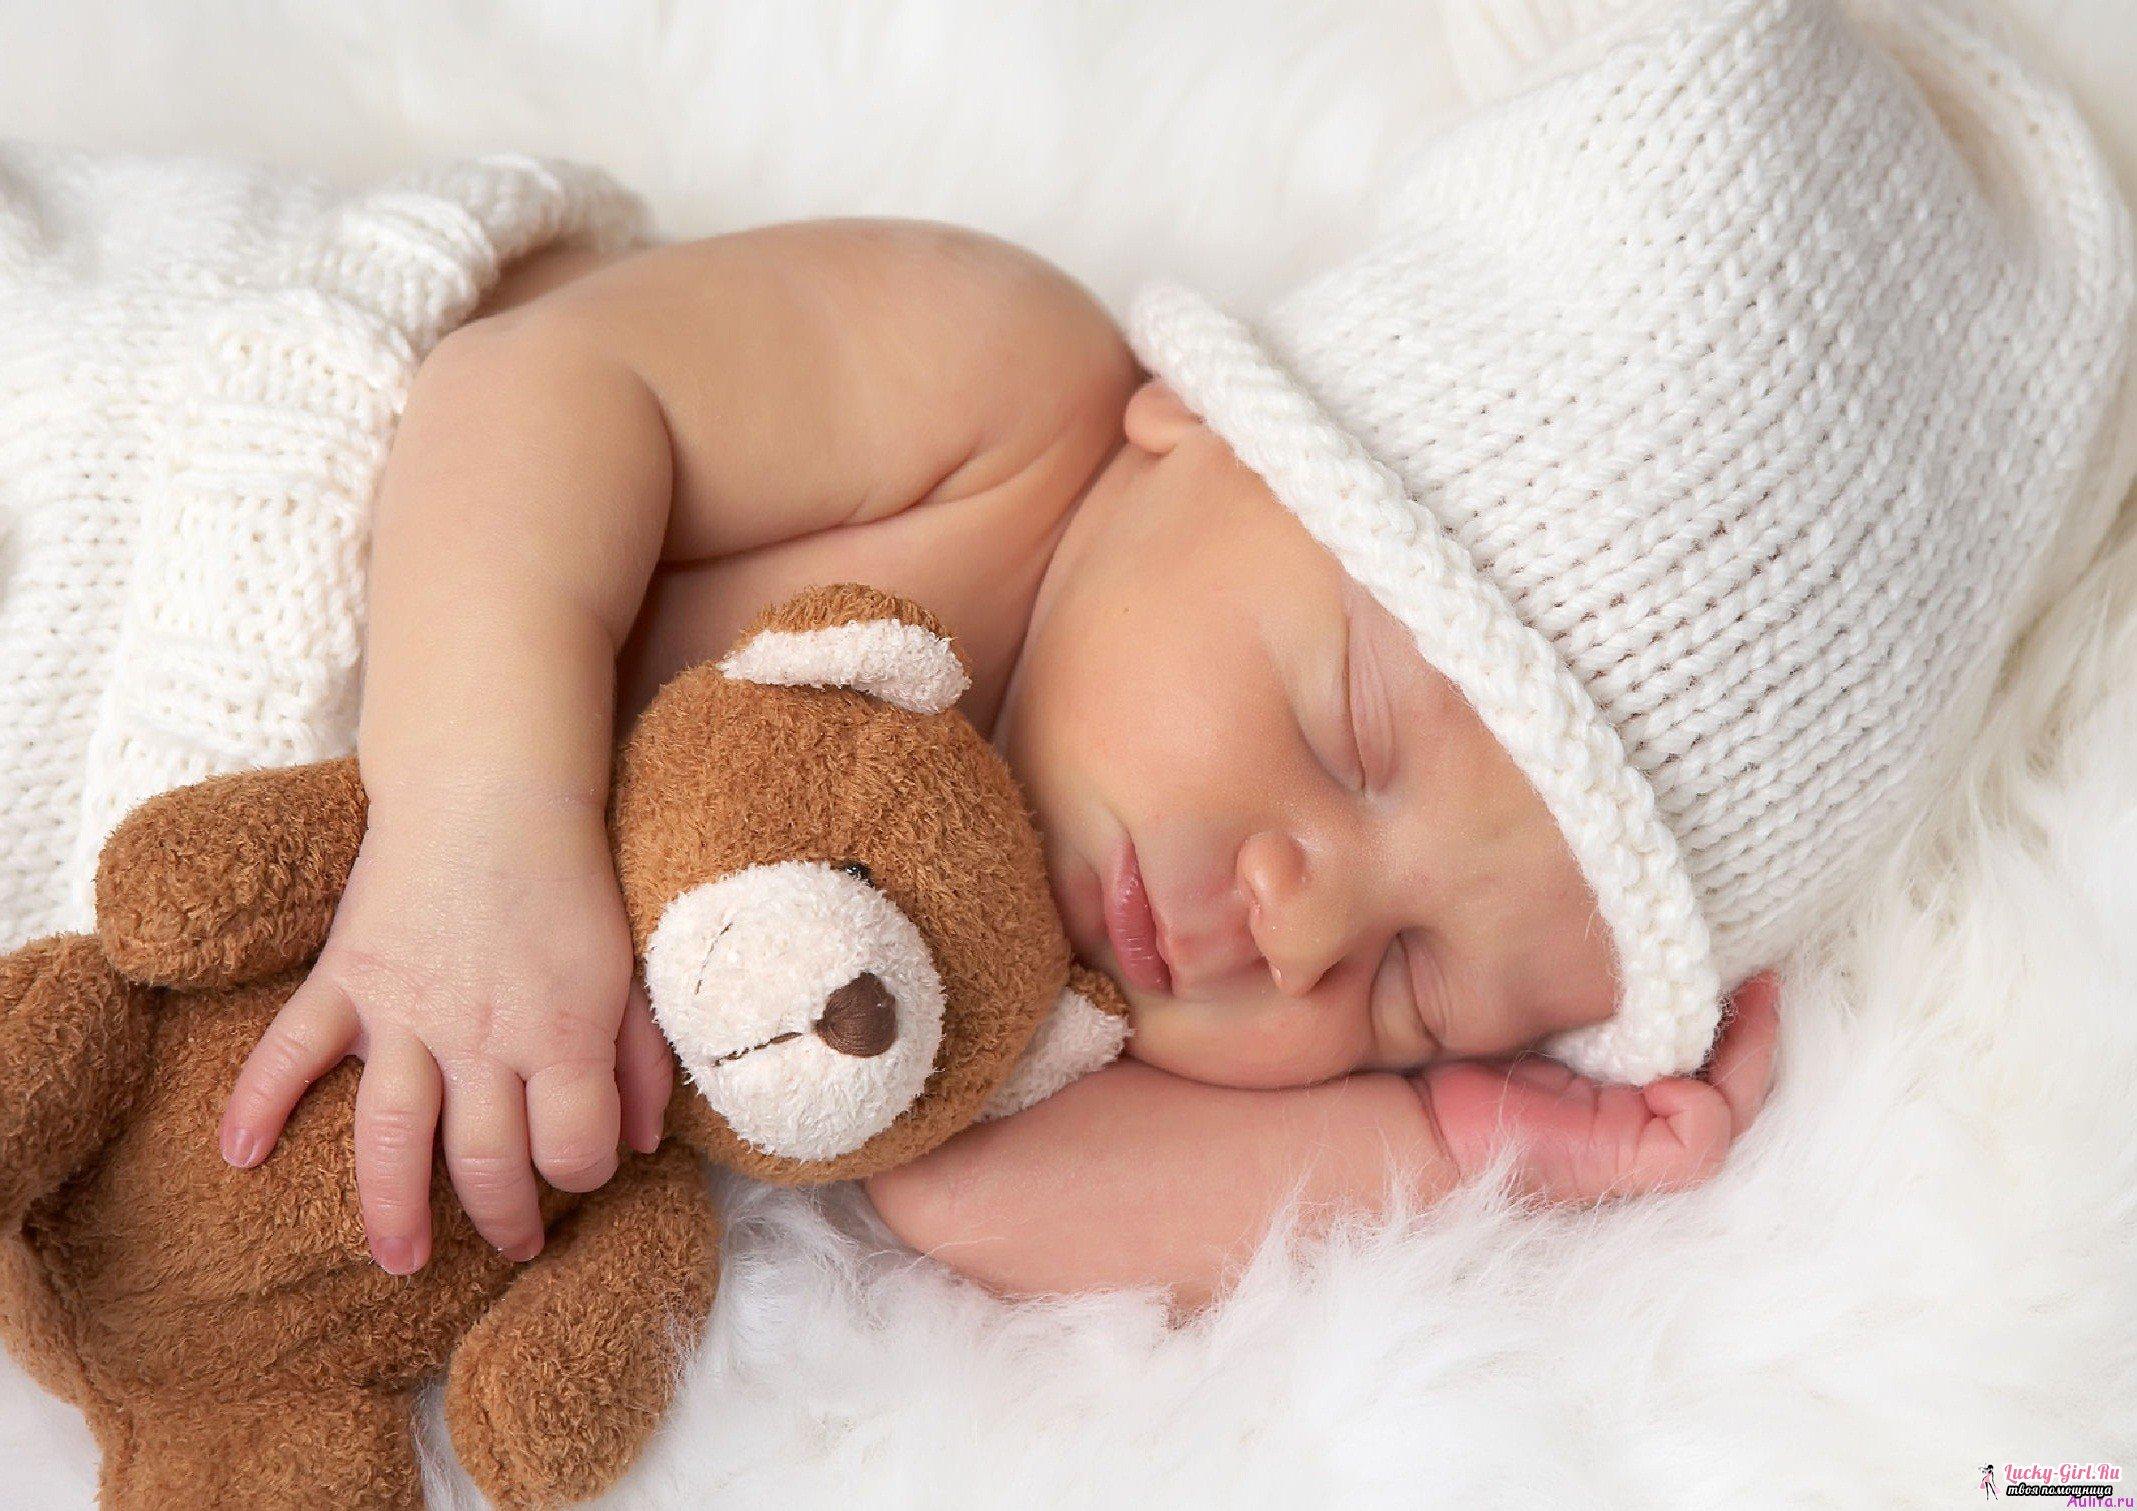 Какова норма билирубина у новорожденных  таблица. Что означает повышенный билирубин и желтушка у младенцев?